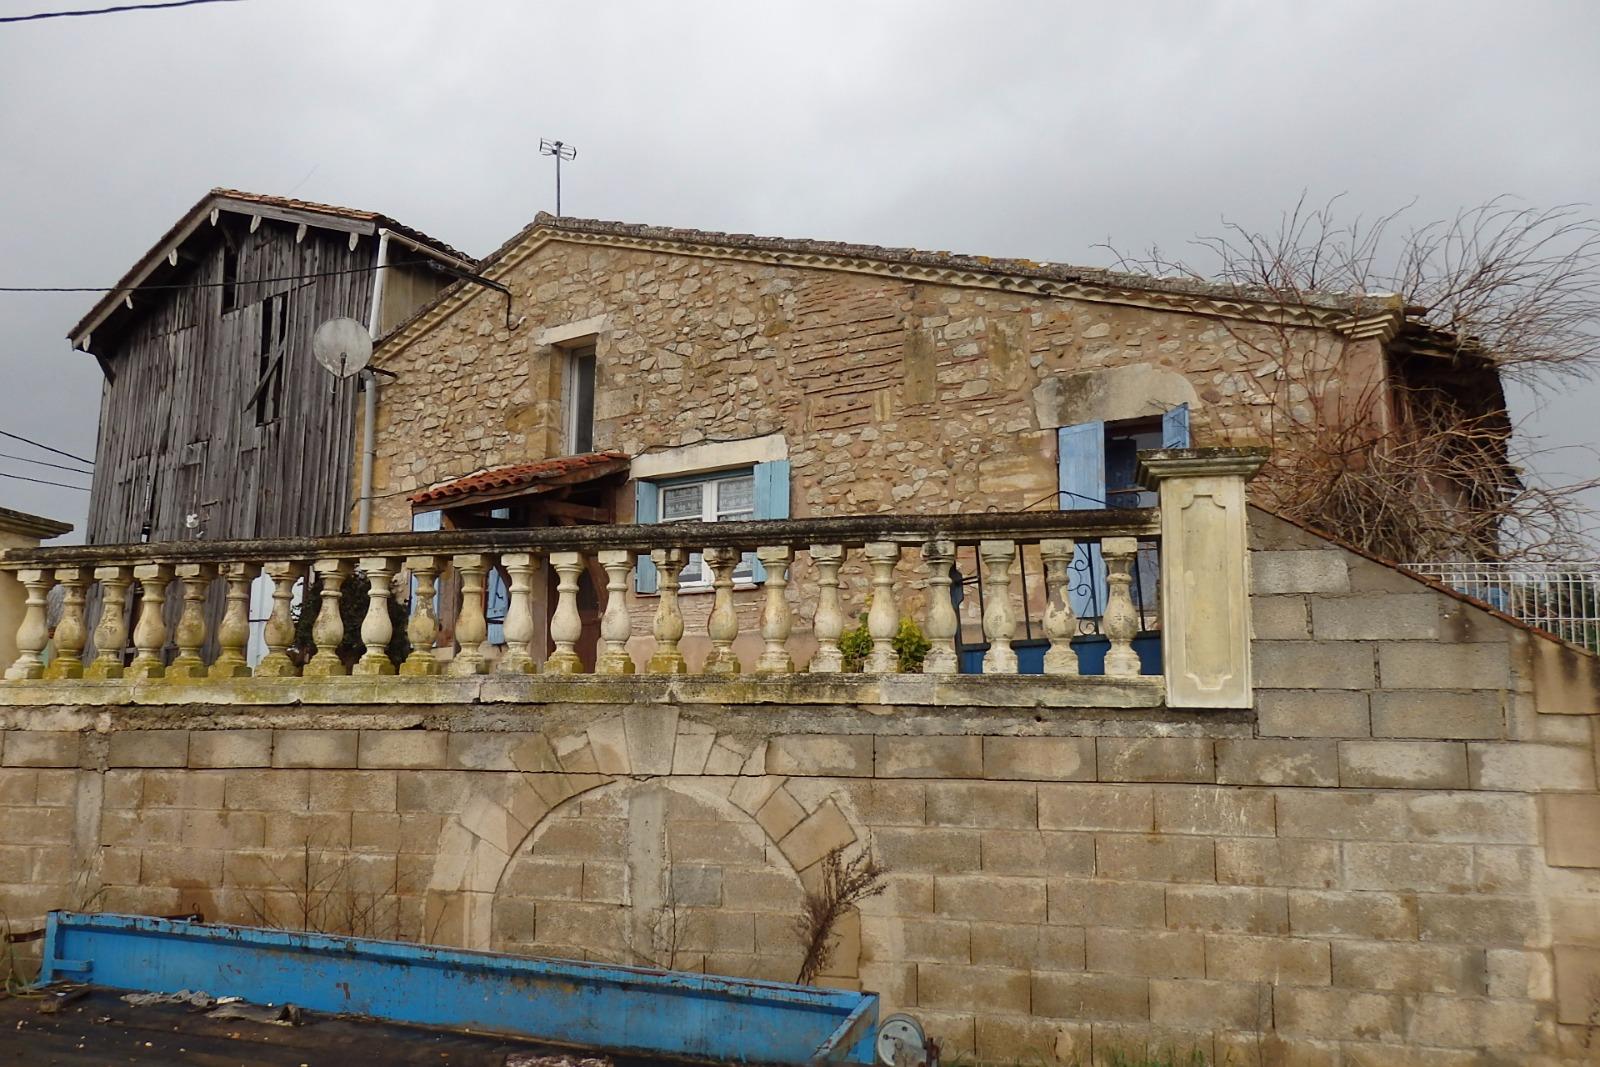 Vente maison a vendre a sainte bazeille for Immobilier professionnel bordeaux